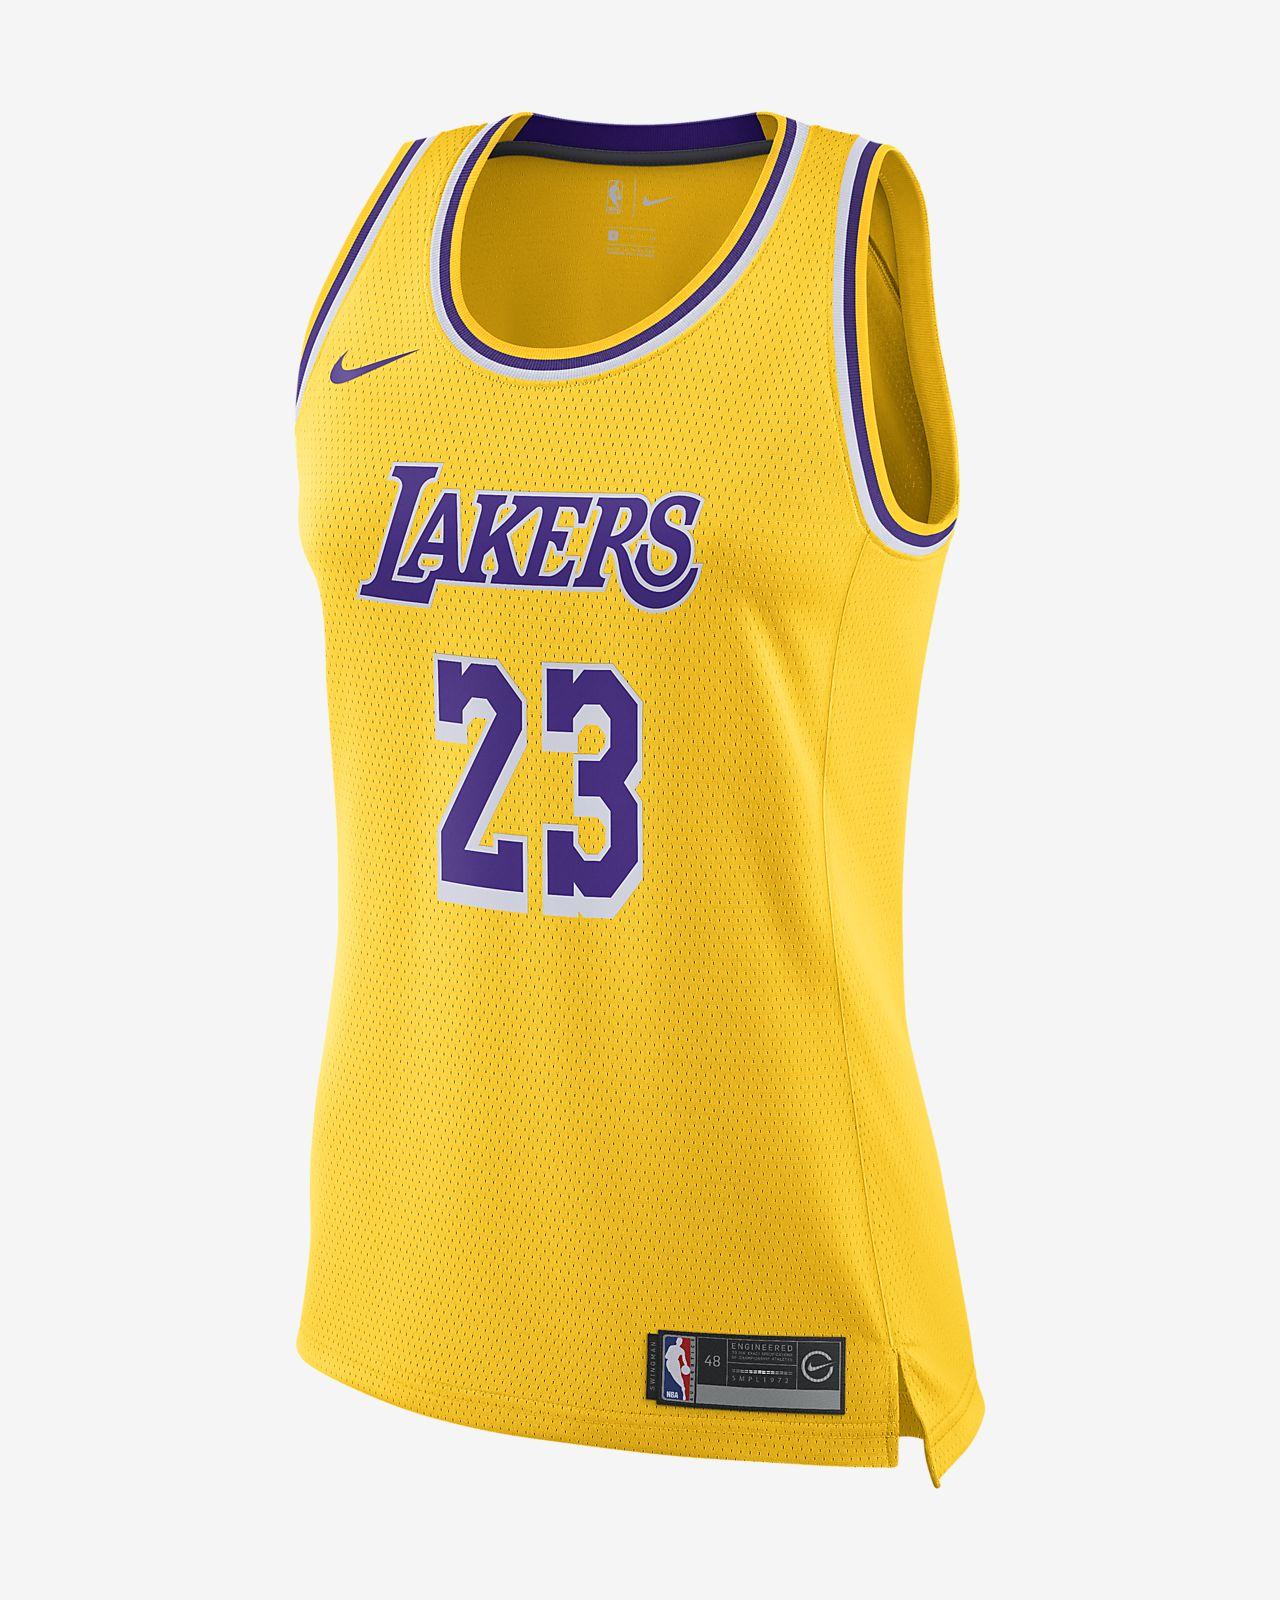 เสื้อแข่ง Nike NBA Swingman ผู้หญิง LeBron James Lakers Icon Edition